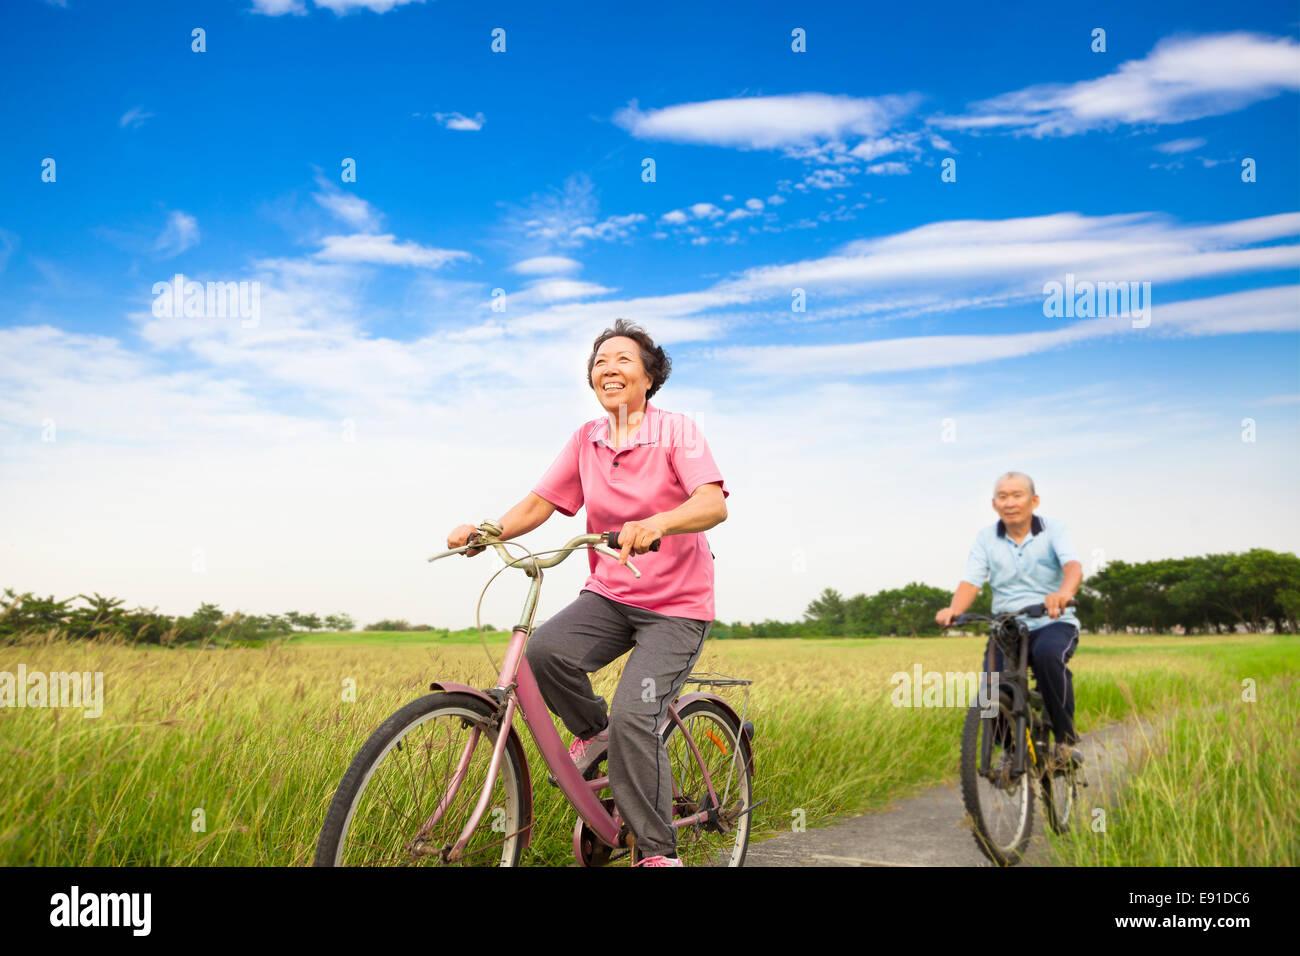 Les personnes âgées personnes âgées Happy Asian couple walking in ferme avec fond de ciel bleu Photo Stock